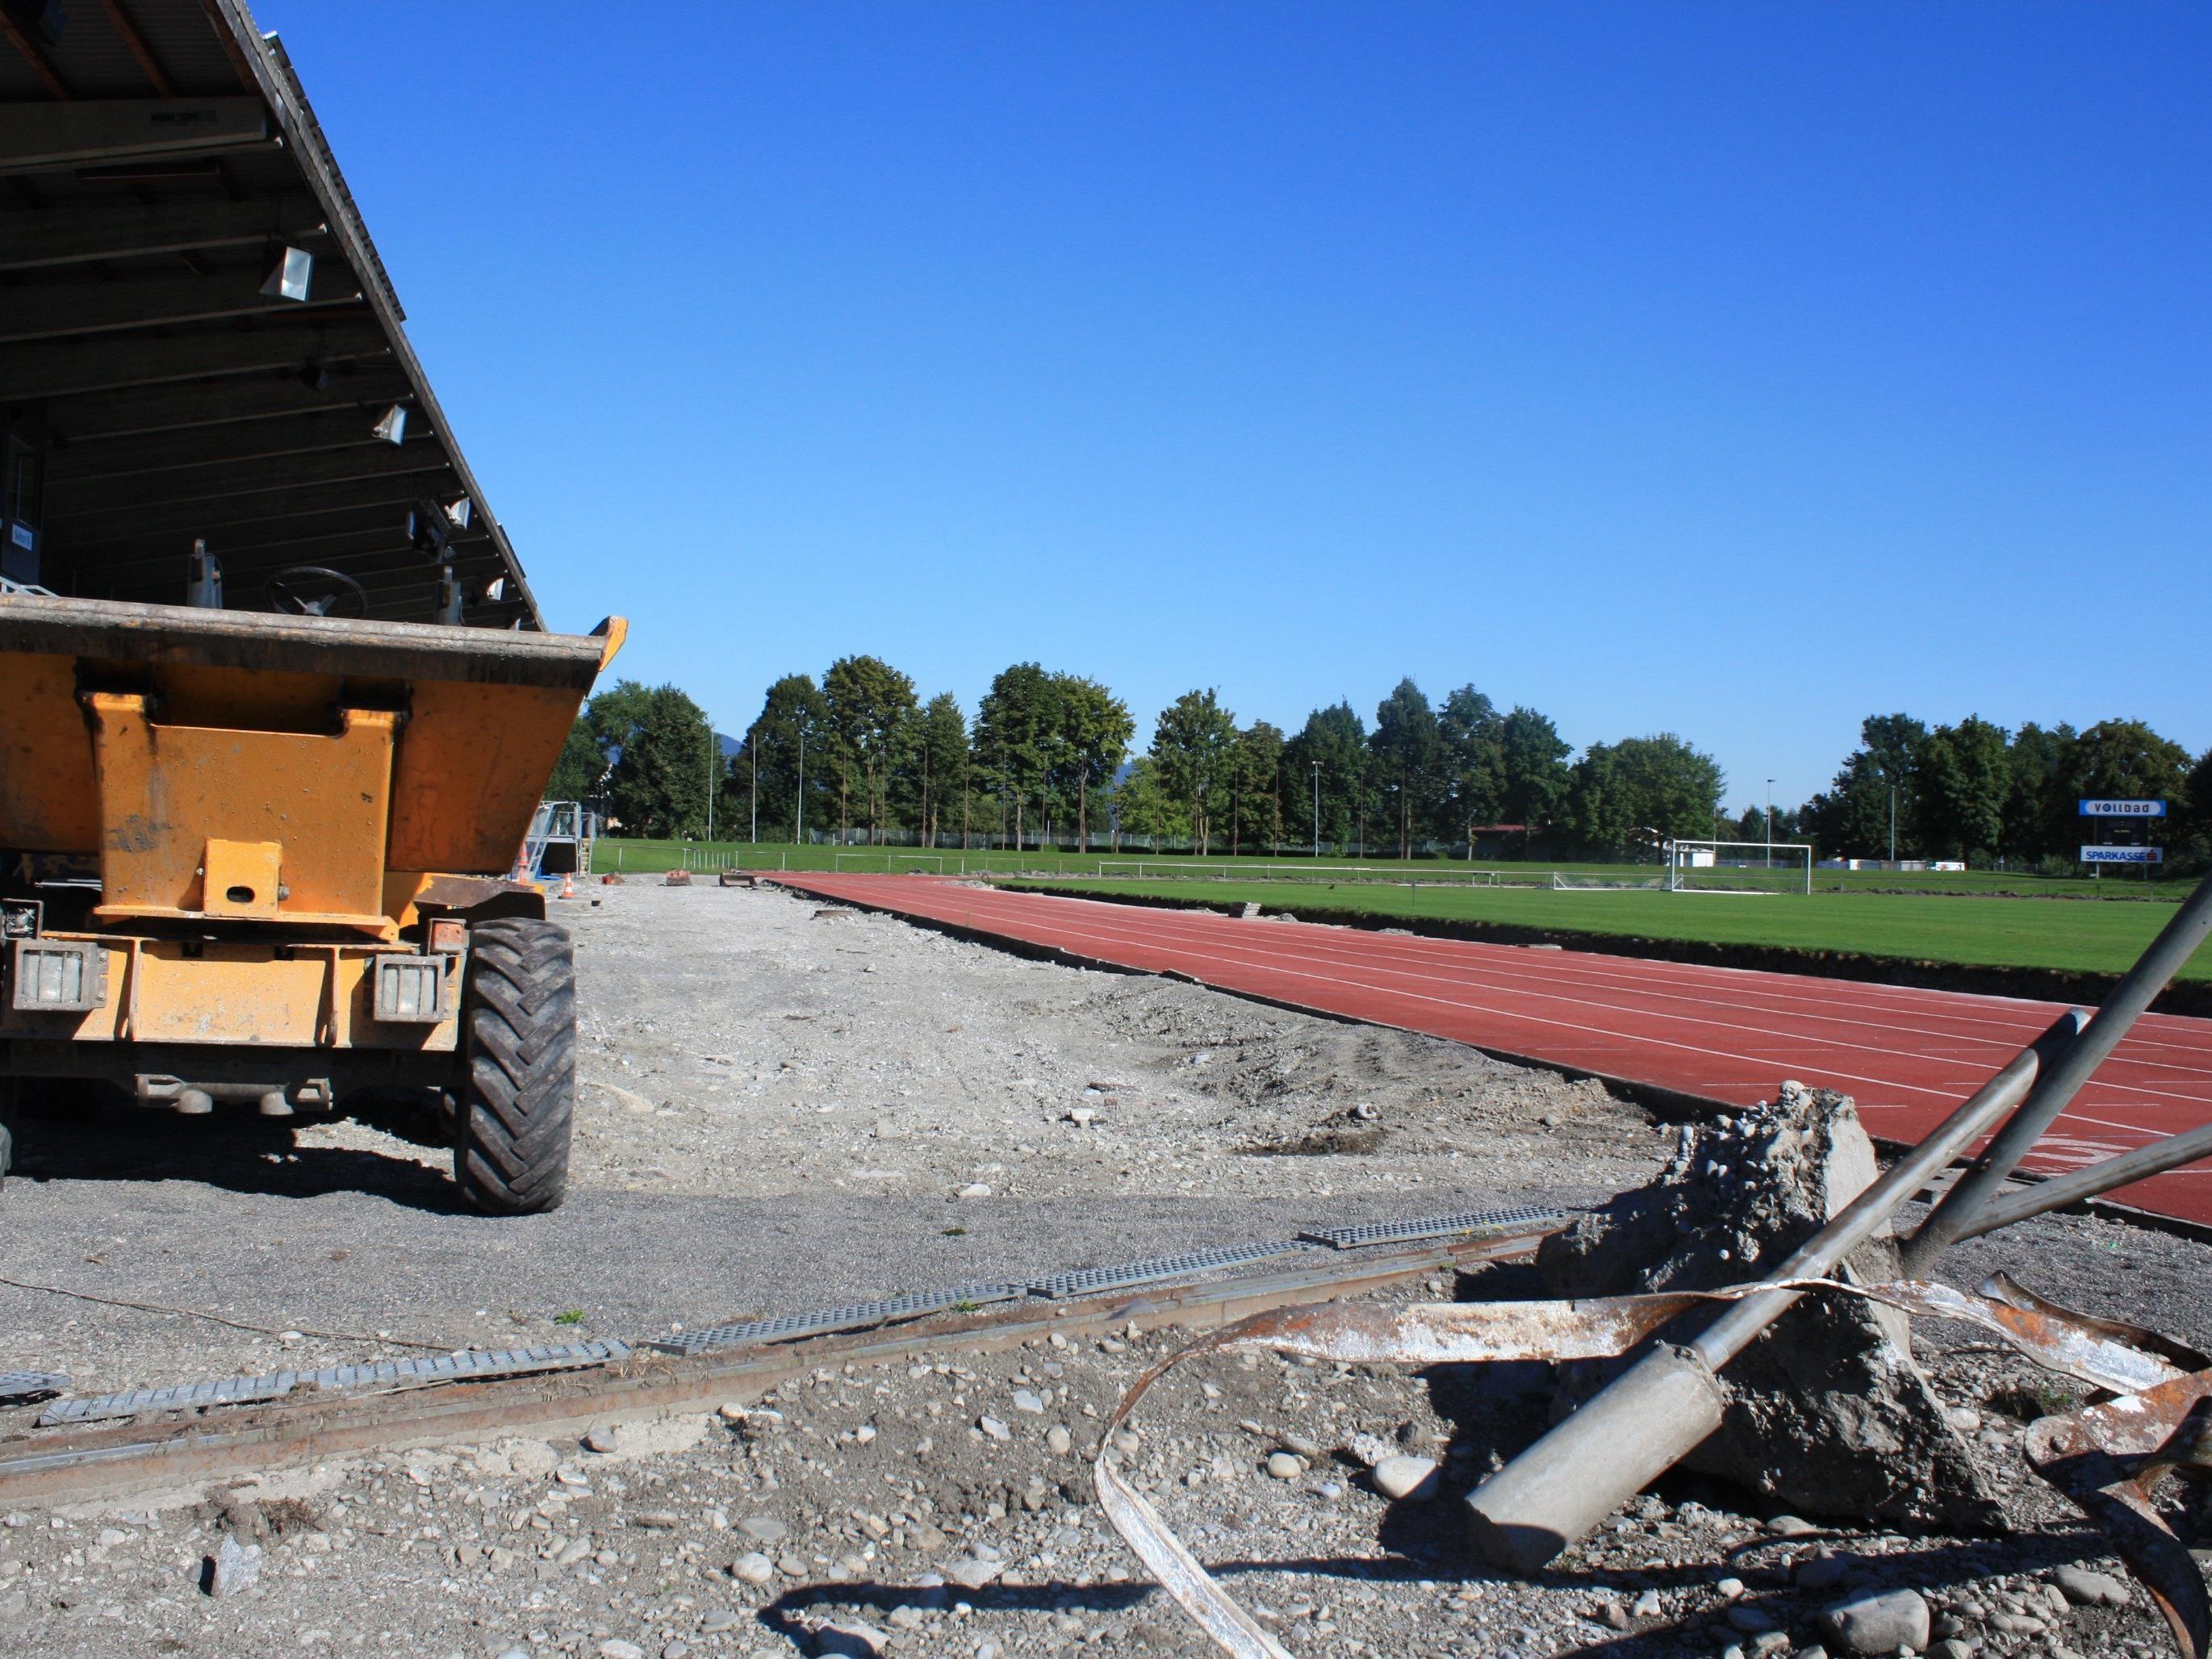 Die alte Laufbahn im Mösle-Stadion wird aktuell entfernt, der neue Belag wird ab Mitte September aufgetragen.